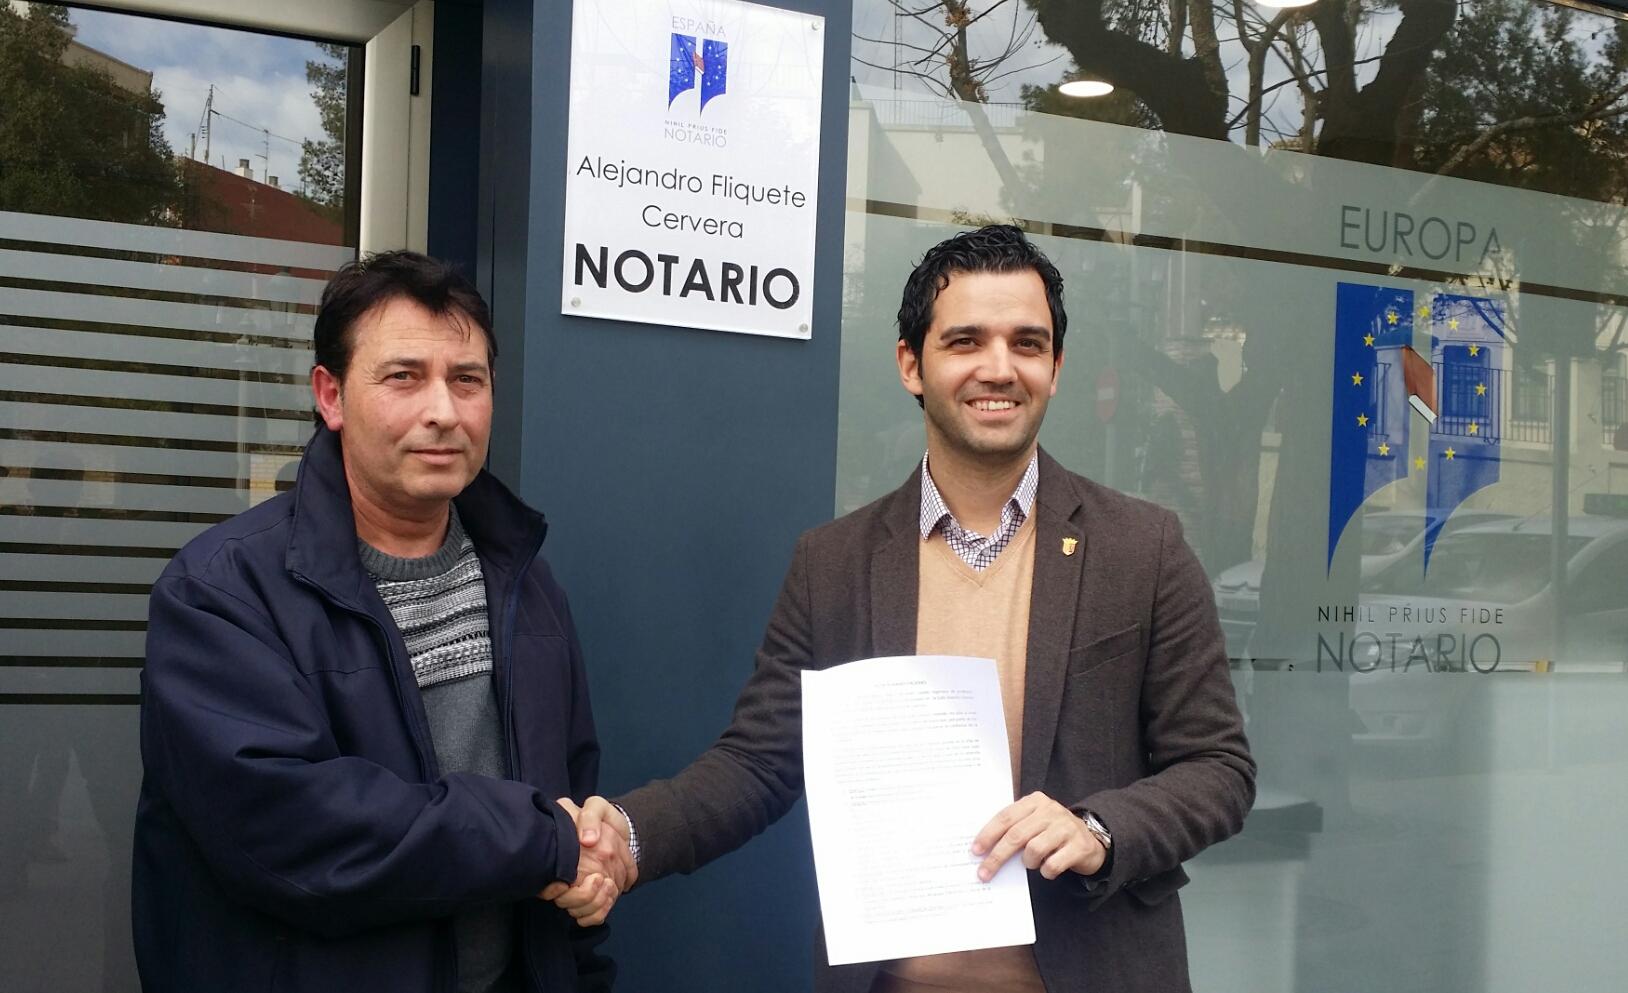 Sagredo firma ante notario en Paterna que o cumple, o dimite